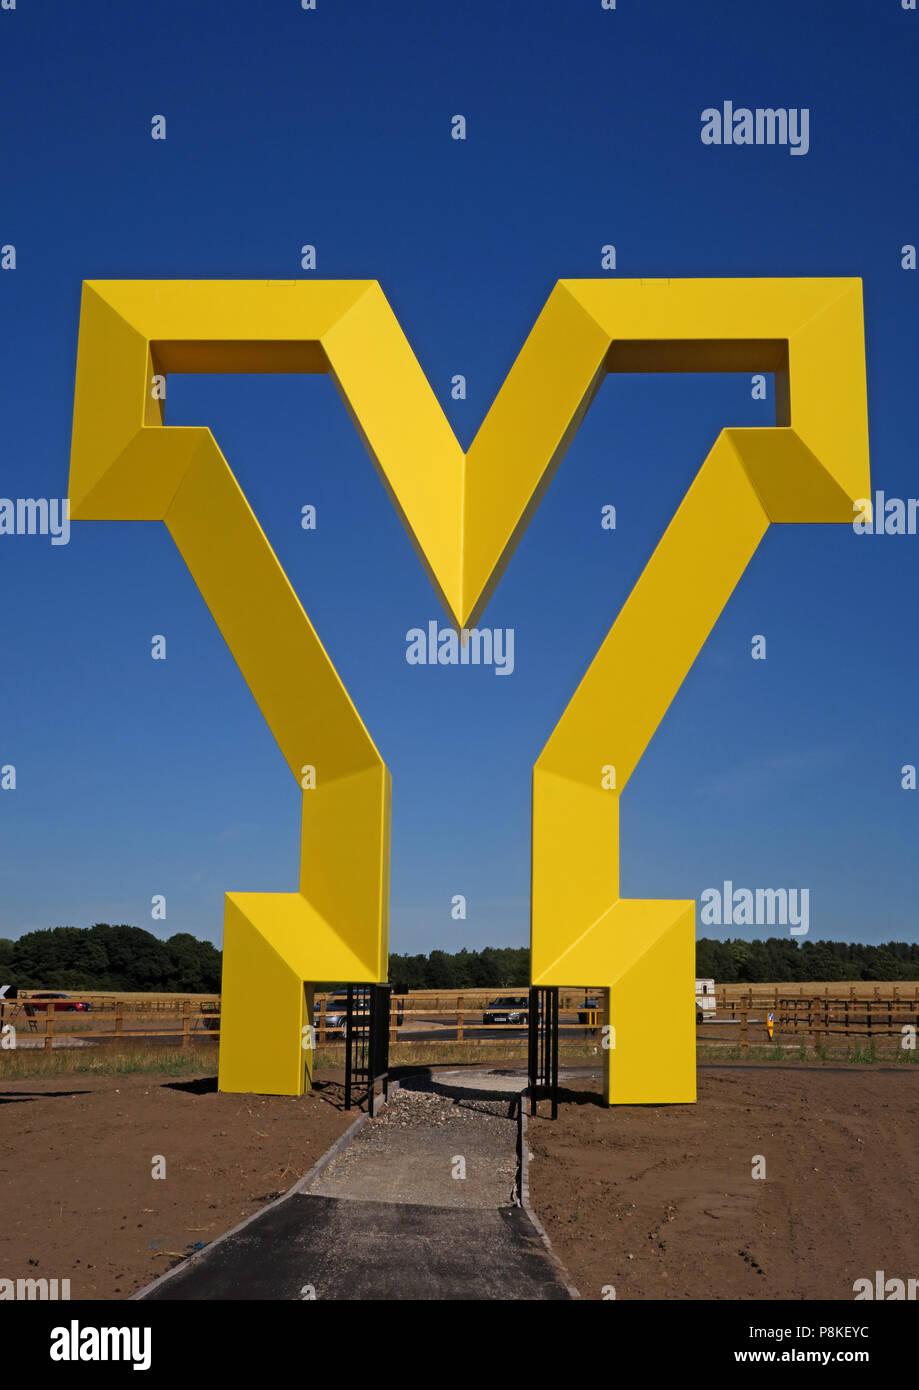 Laden Sie dieses Alamy Stockfoto Große gelbe Y Artwork, Herzlich Willkommen bei den Yorkshire Gateway, Bawtry Road, Rossington, South Yorkshire, England, UK, DN 11 0 GT (Hochformat) - P8KEYC